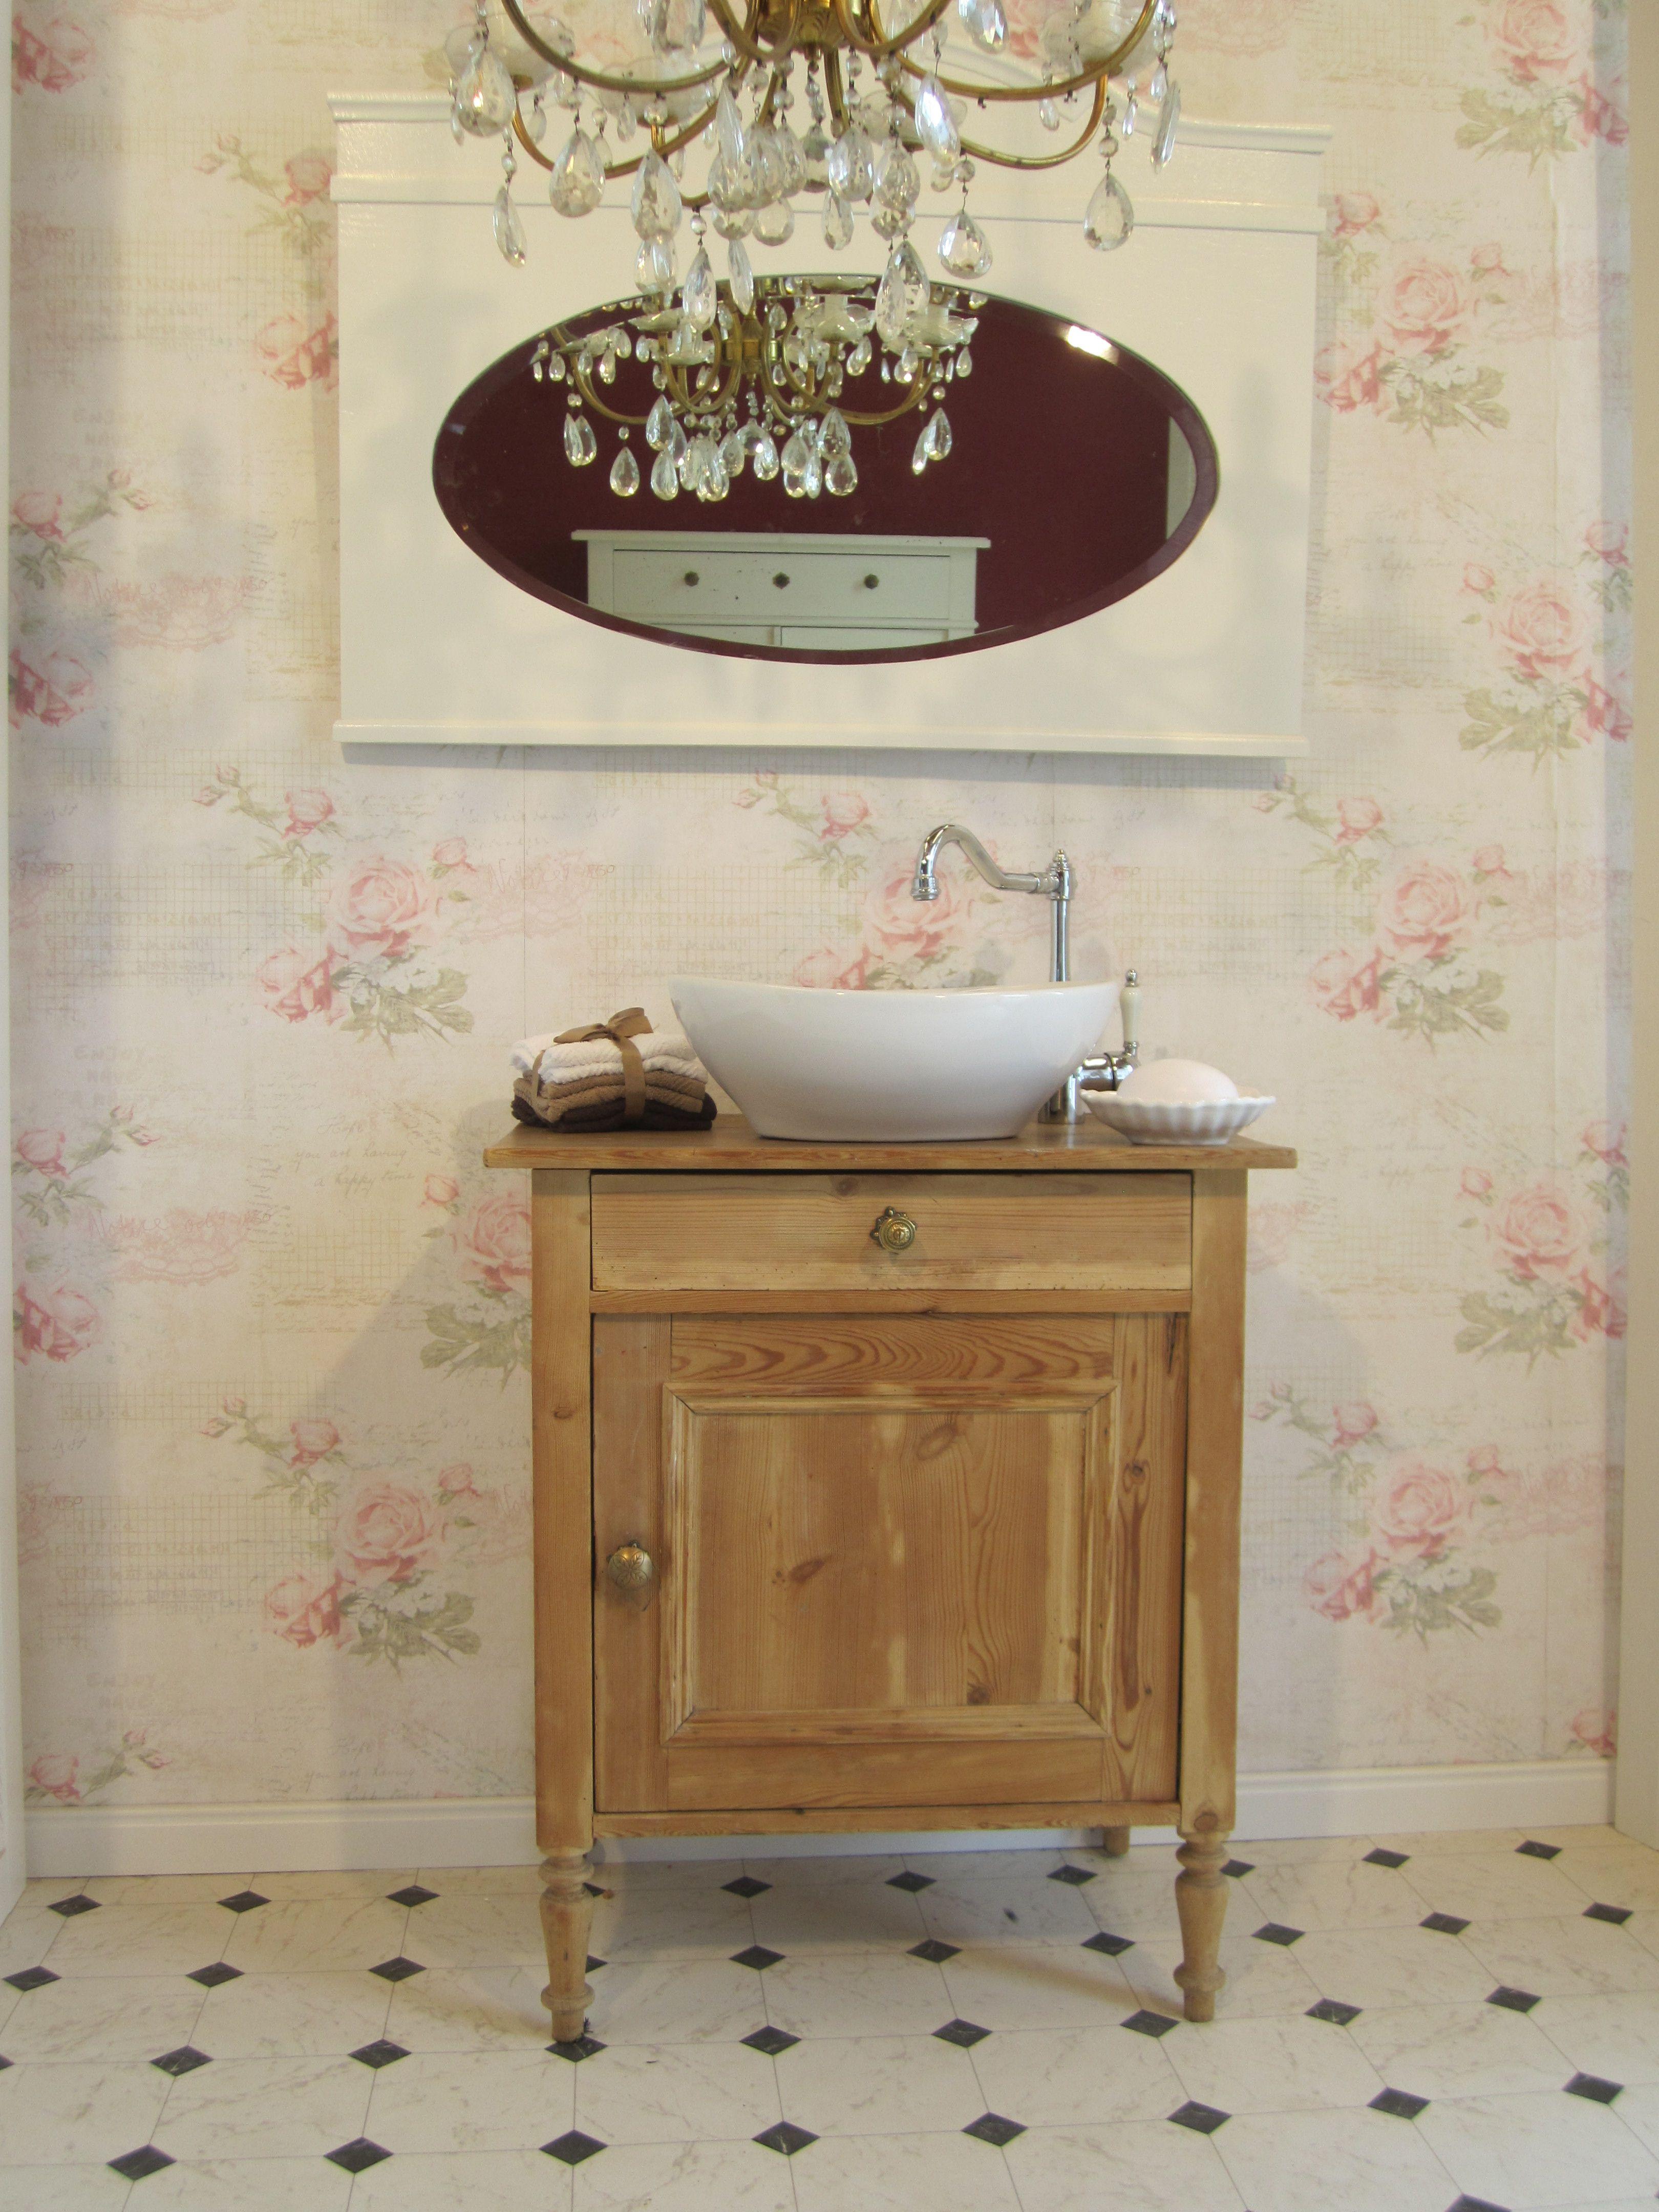 badm bel landhaus ein sch nes badm bel landhausstil ist die waschkommode little memory aus. Black Bedroom Furniture Sets. Home Design Ideas